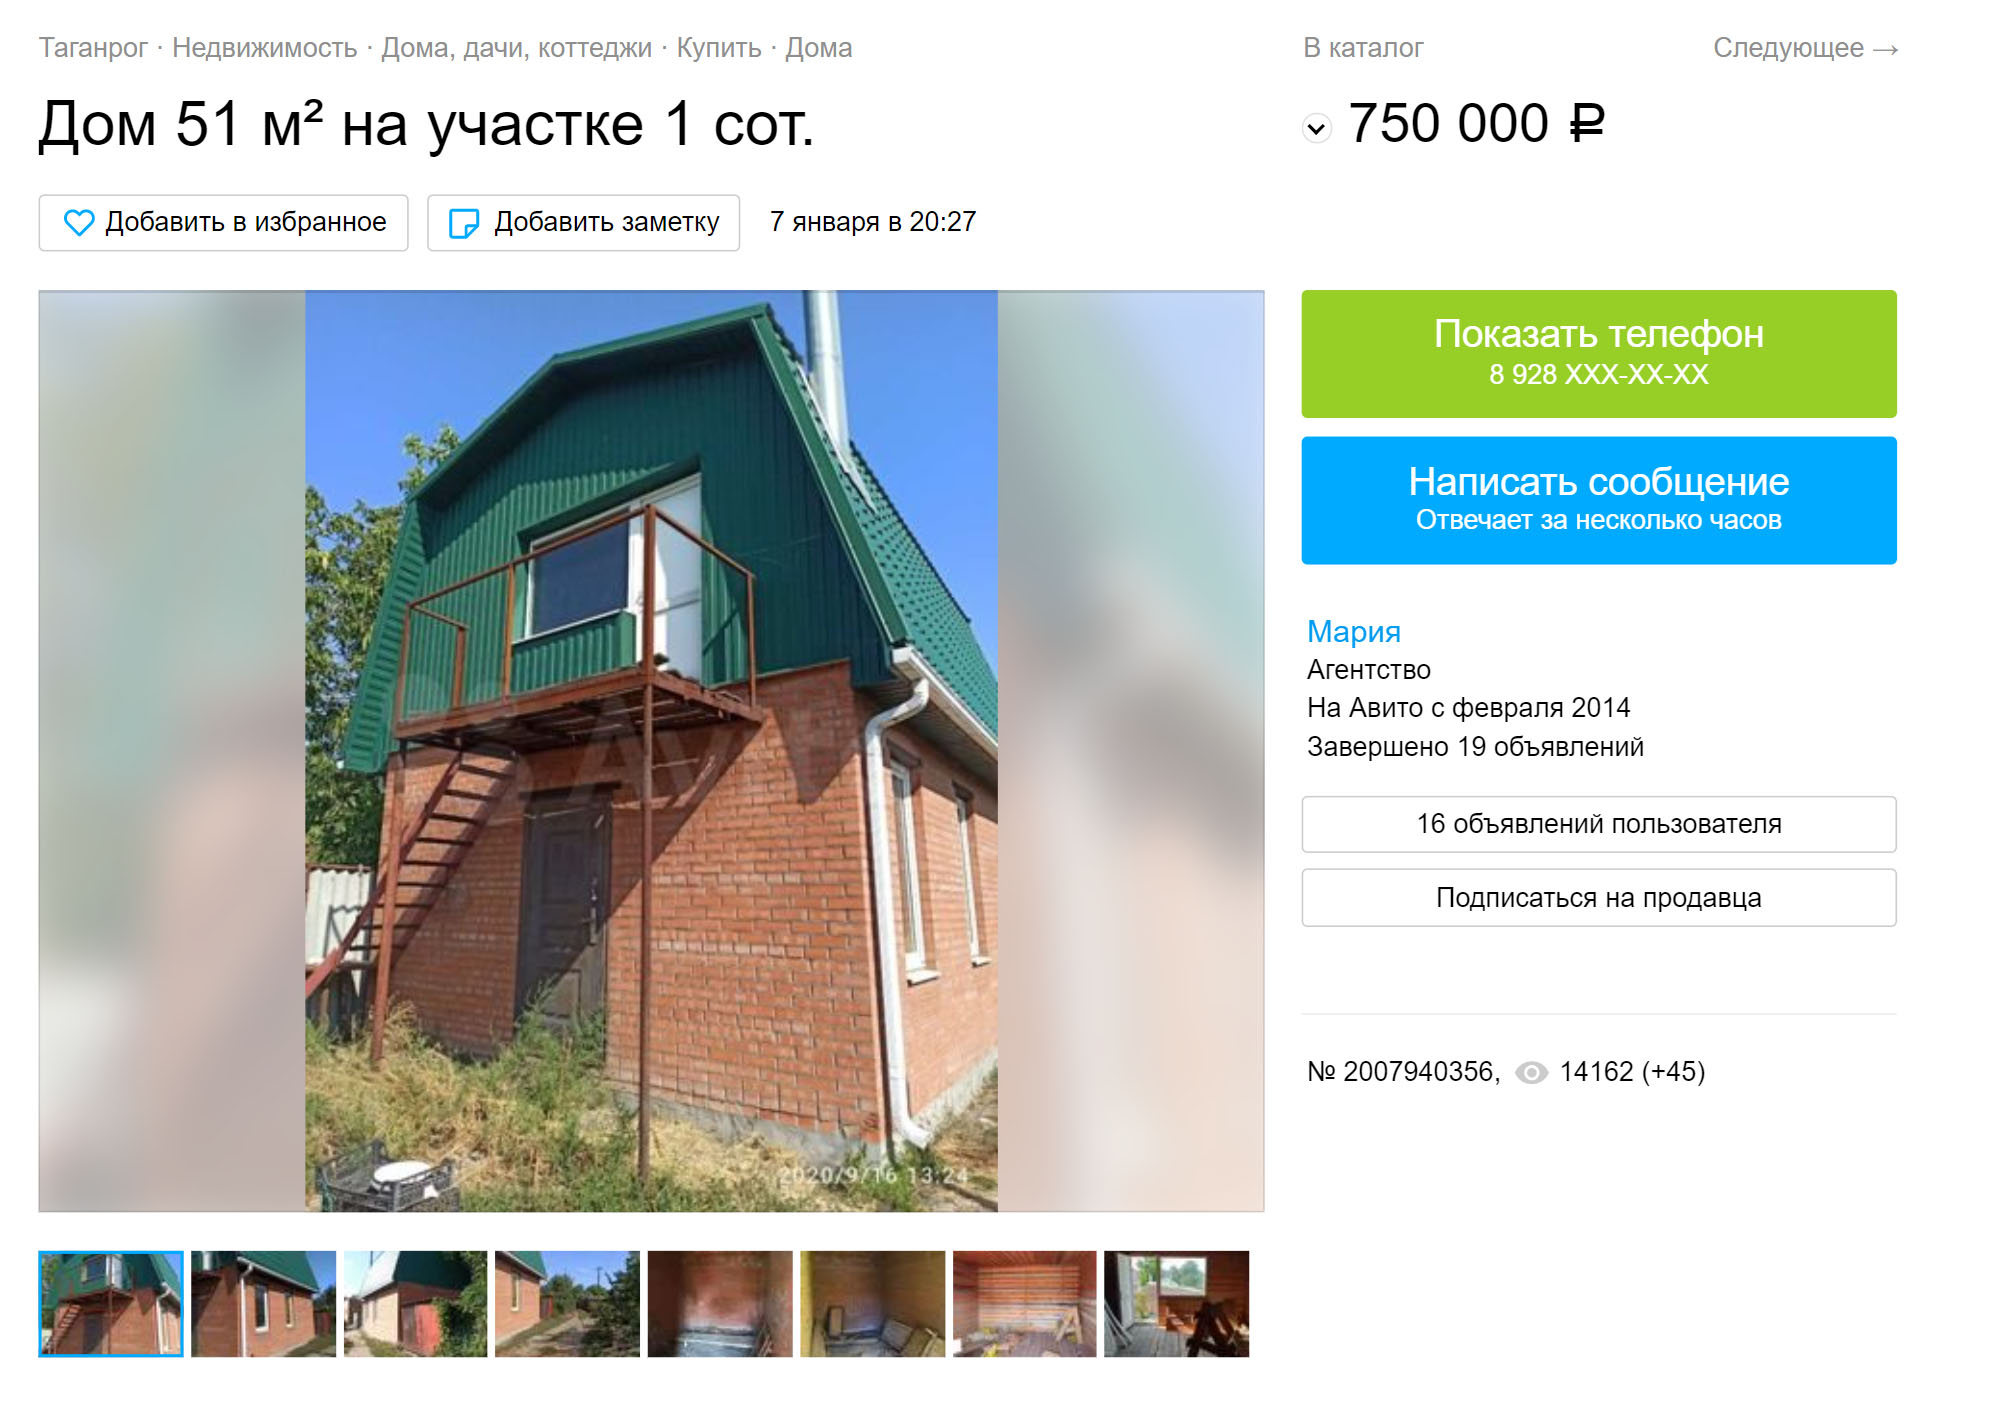 Этот двухэтажный дом в центре города продают за 750тысяч рублей. Цена занижена из-за того, что по документам это нежилое строение